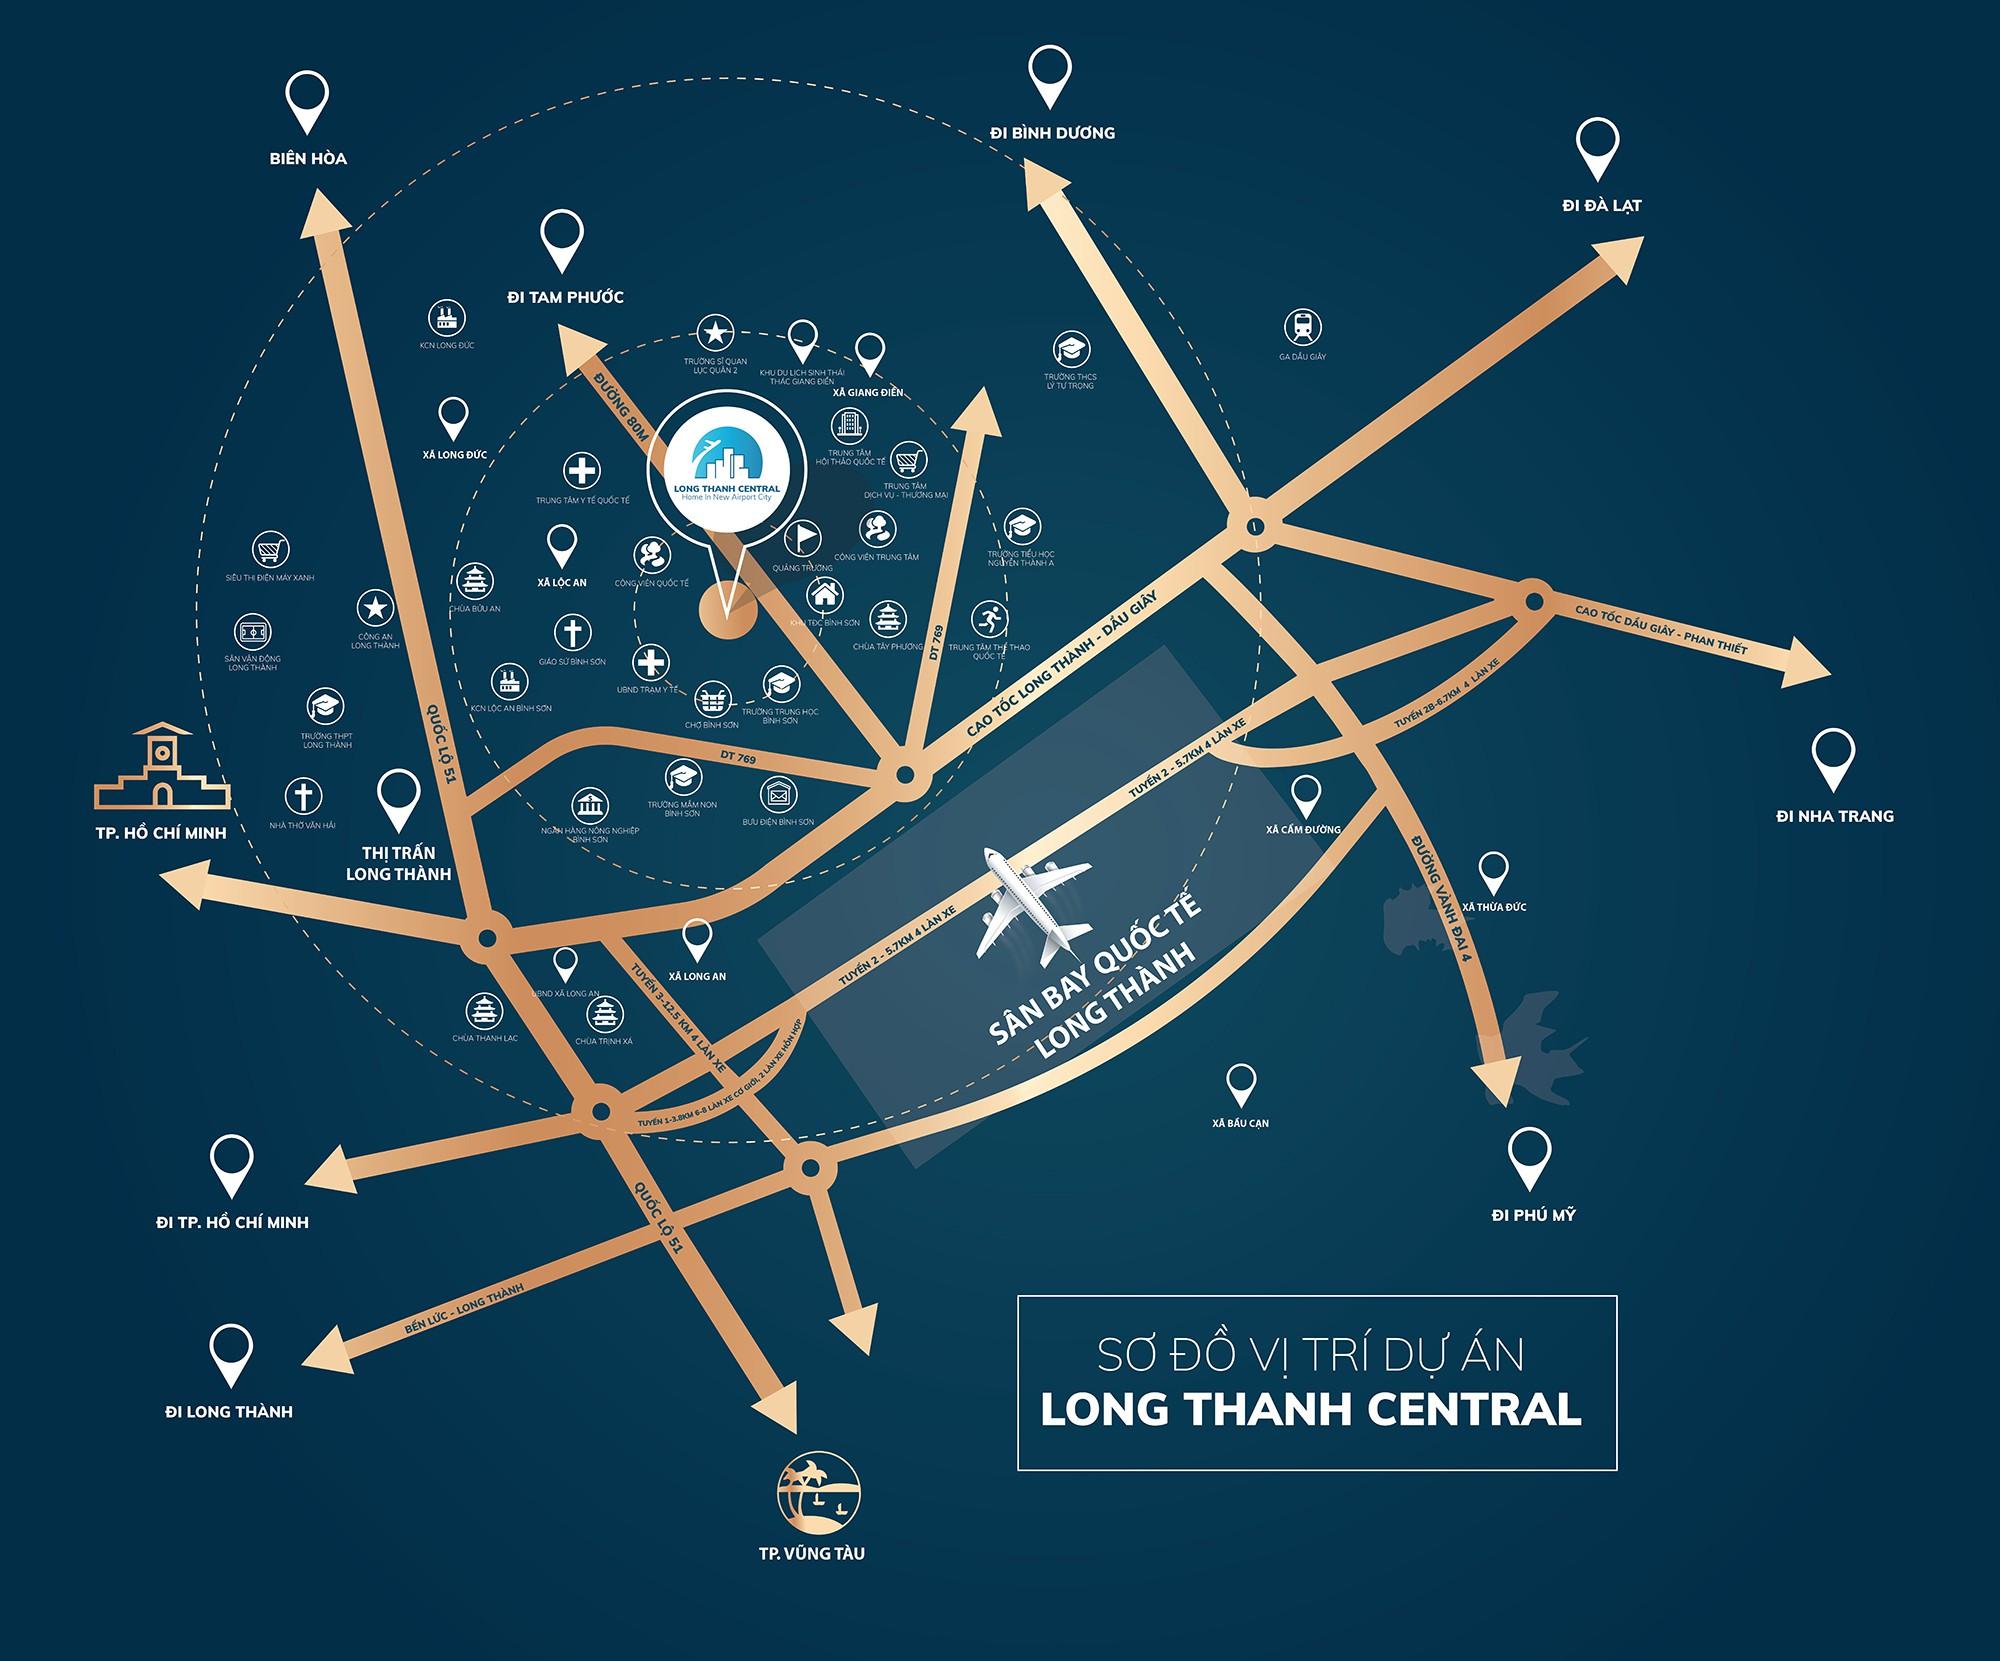 """Quy hoạch """"Thành phố sân bay"""" tại Long Thành sẽ mở ra bài toán đầu tư bất động sản Đồng Nai? - Ảnh 5."""